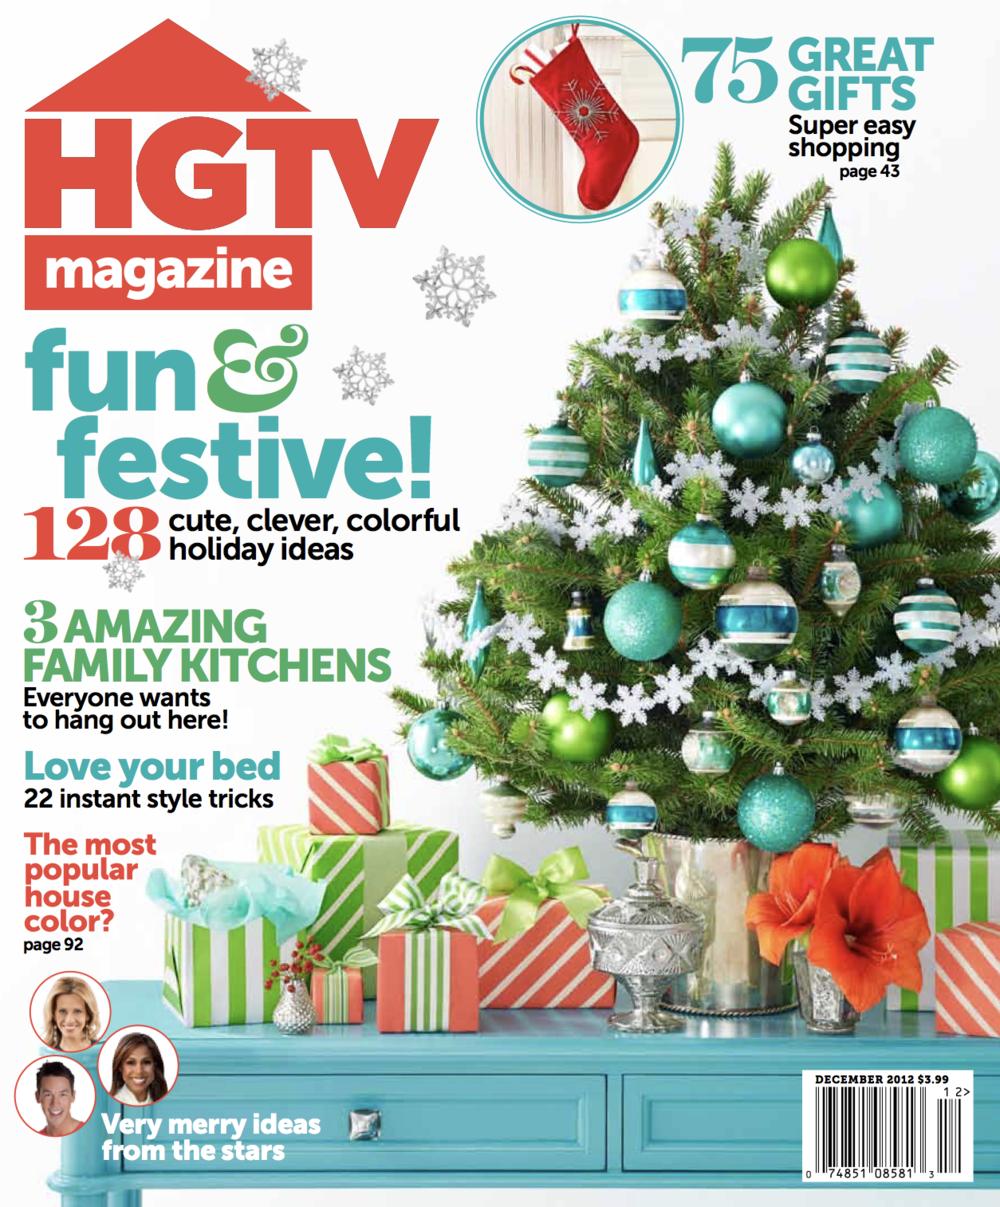 HGTV / December 2012